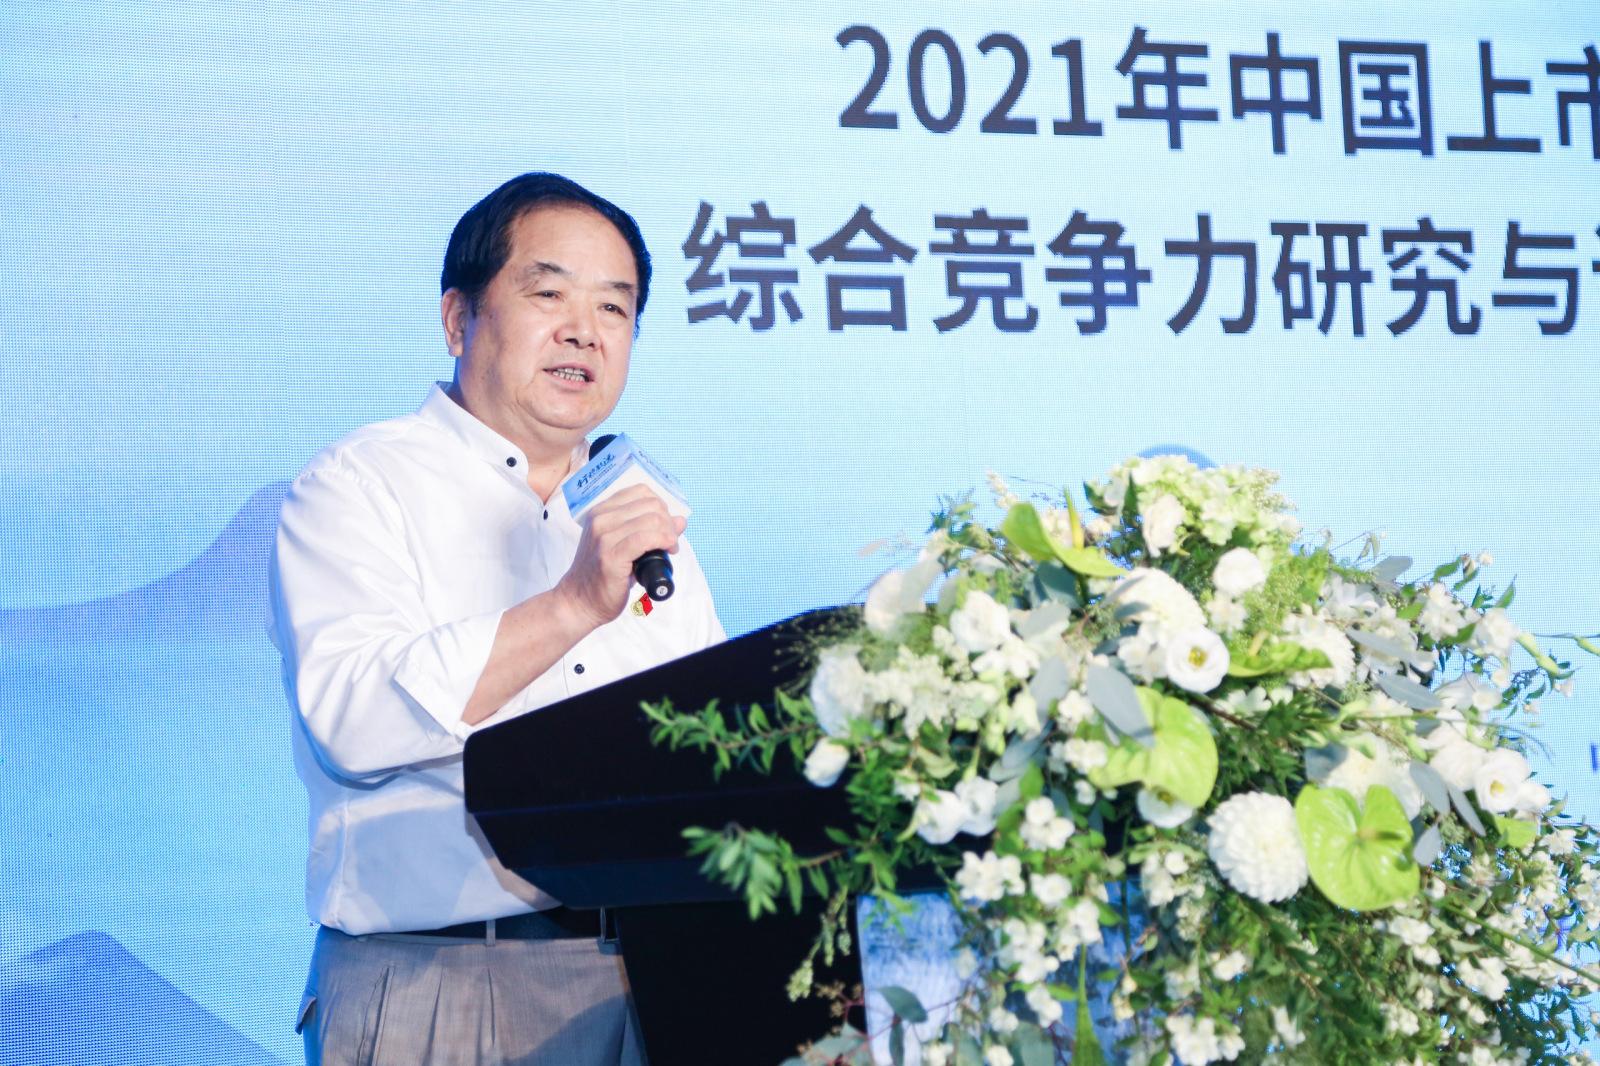 中国房地产报社社务管理委员会主任栗文忠.jpg